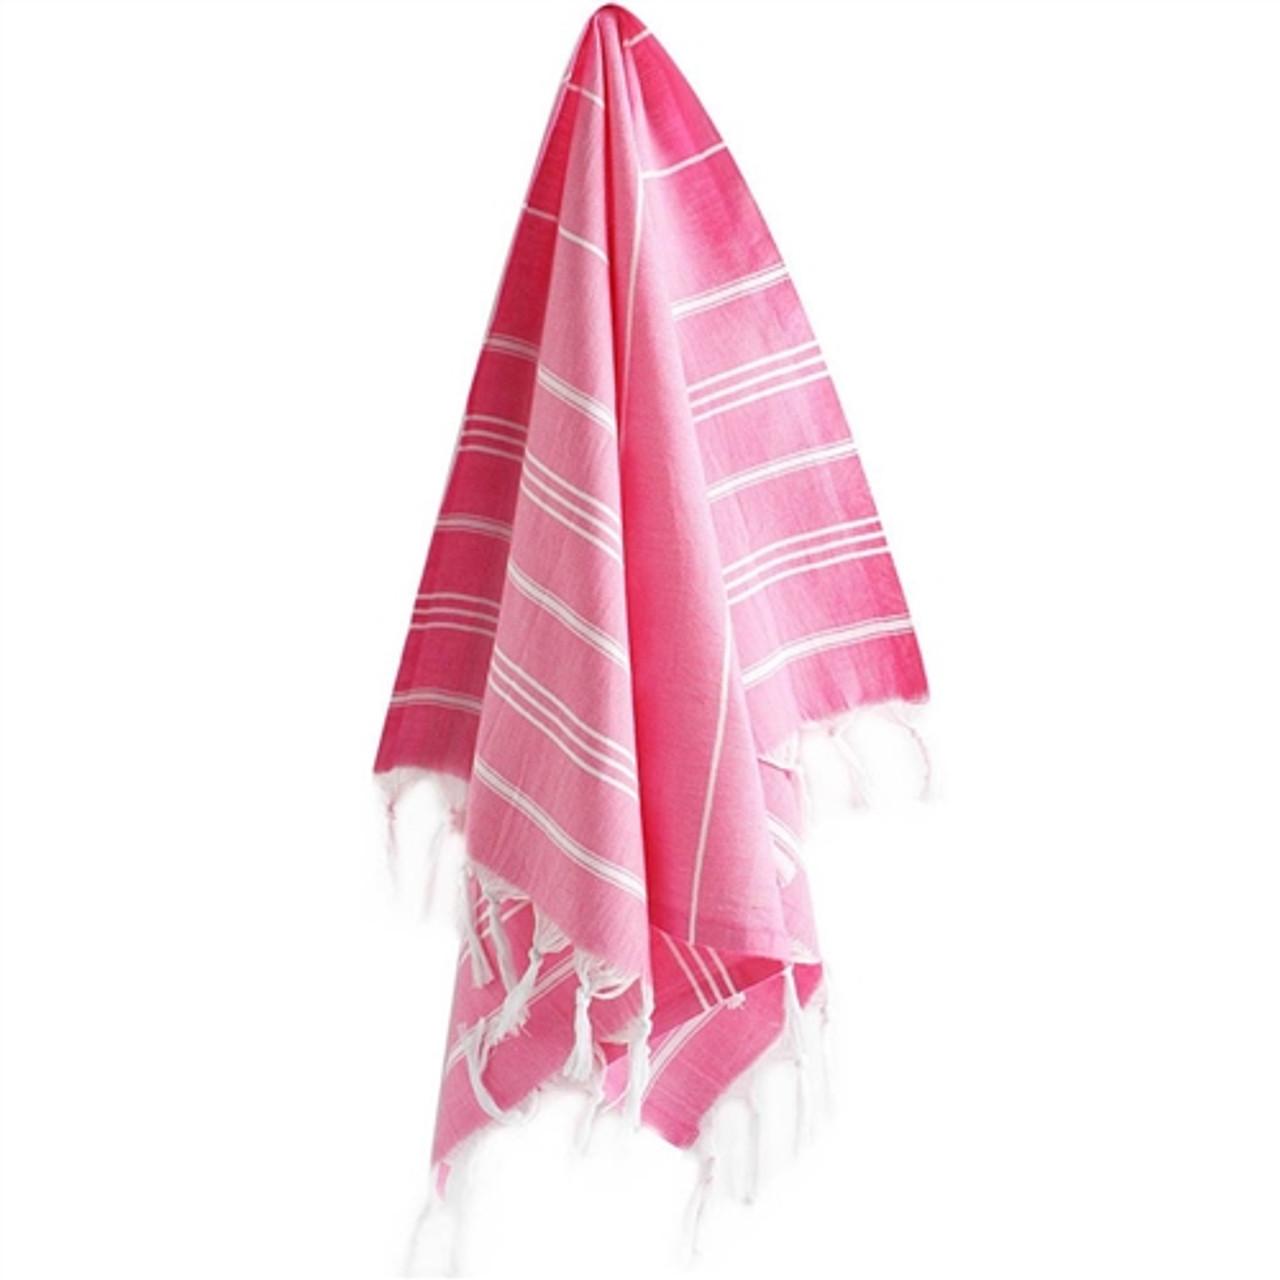 Turkish Kitchen/Hand Towel - Peony